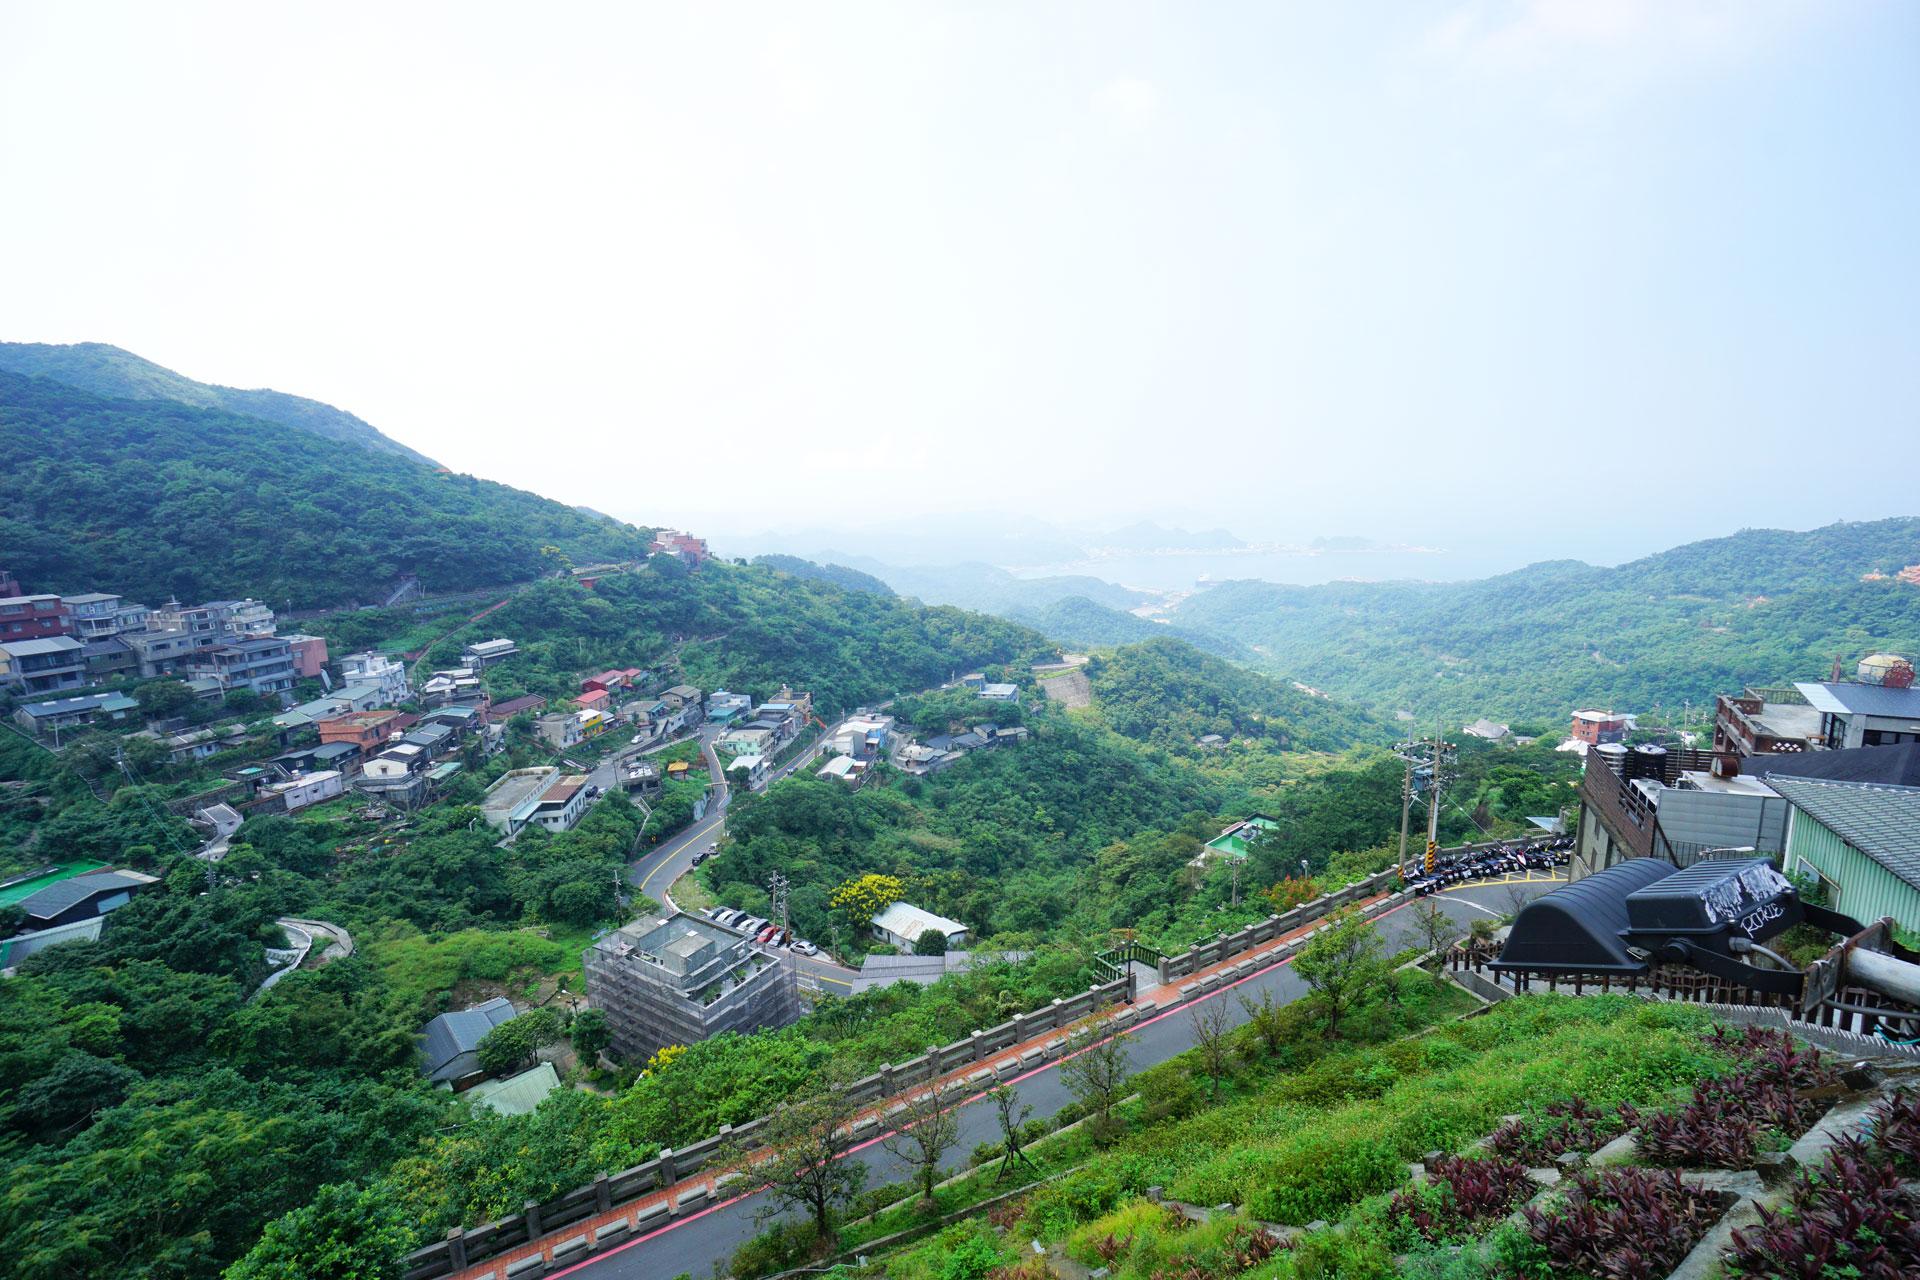 Blick auf das Ostchinesische Meer von Jiufen aus gesehen